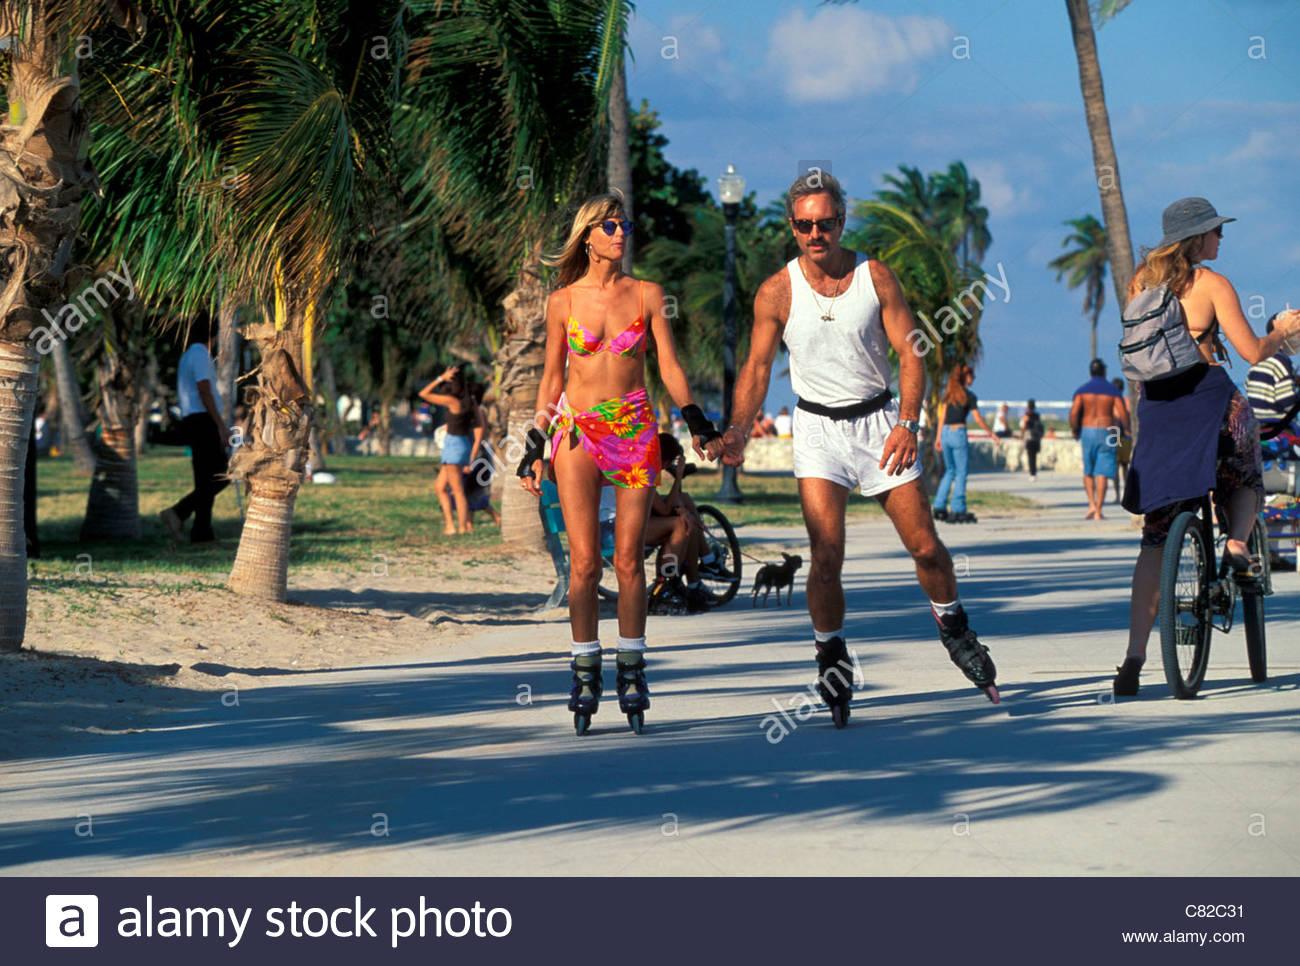 Usa, Florida, Miami Beach, South Beach, Ocean Drive -6219